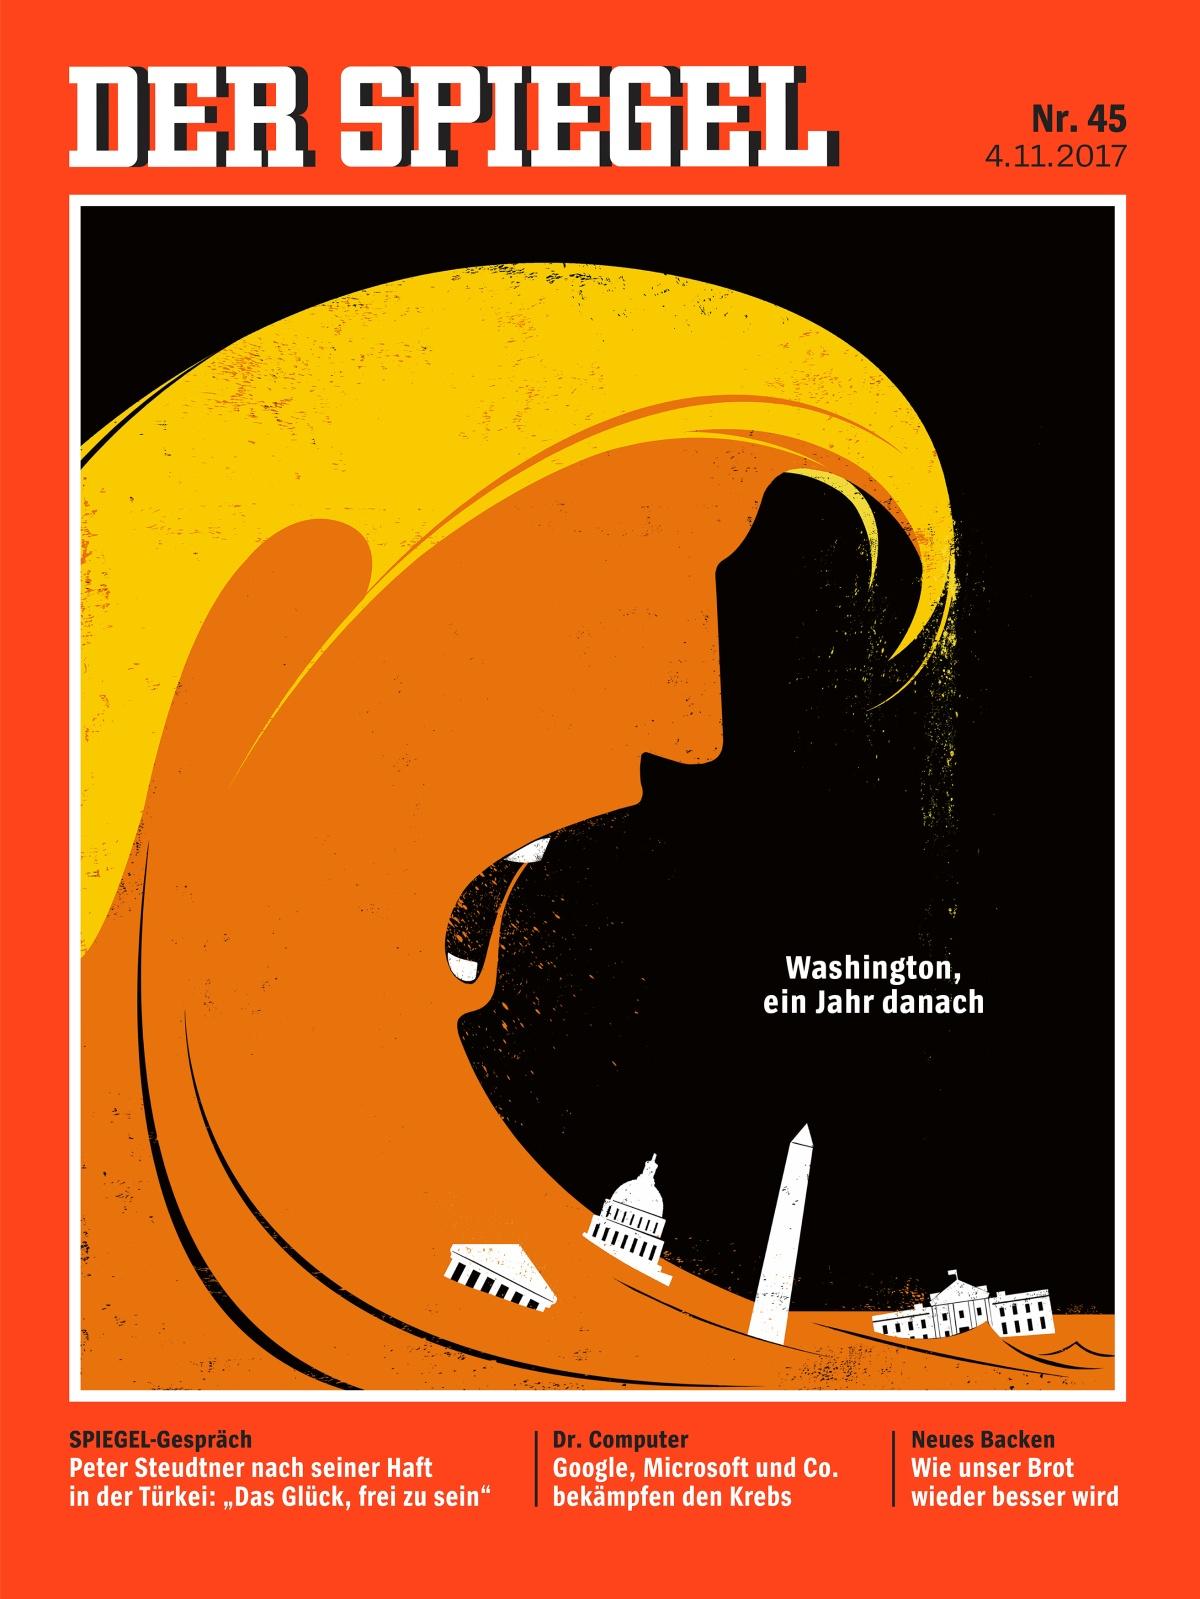 Der spiegel 2017 45 for Spiegel jahresbestseller 2017